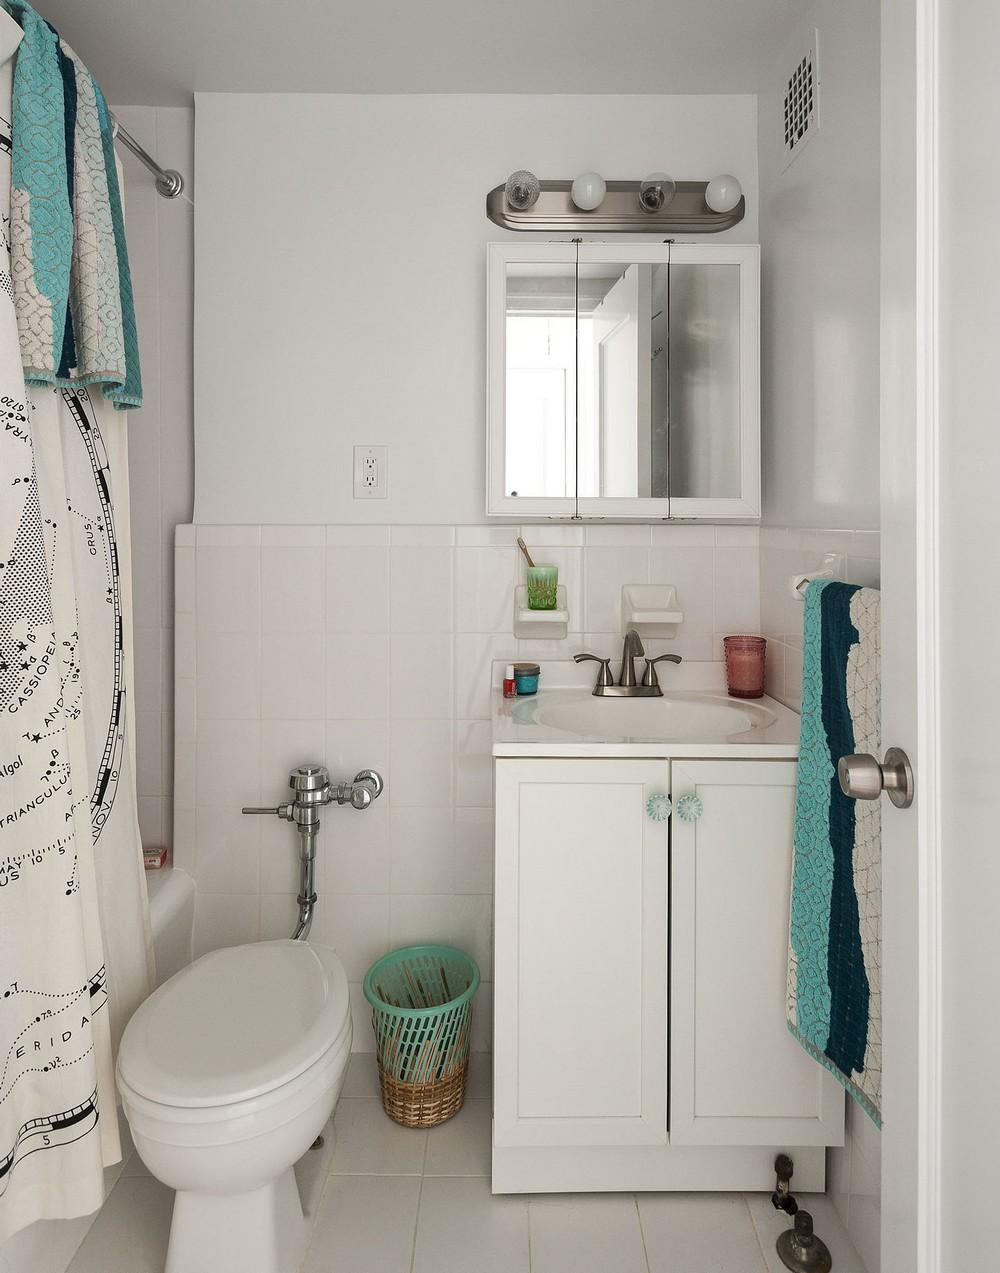 Интерьер квартиры-студии - ванна и туалет